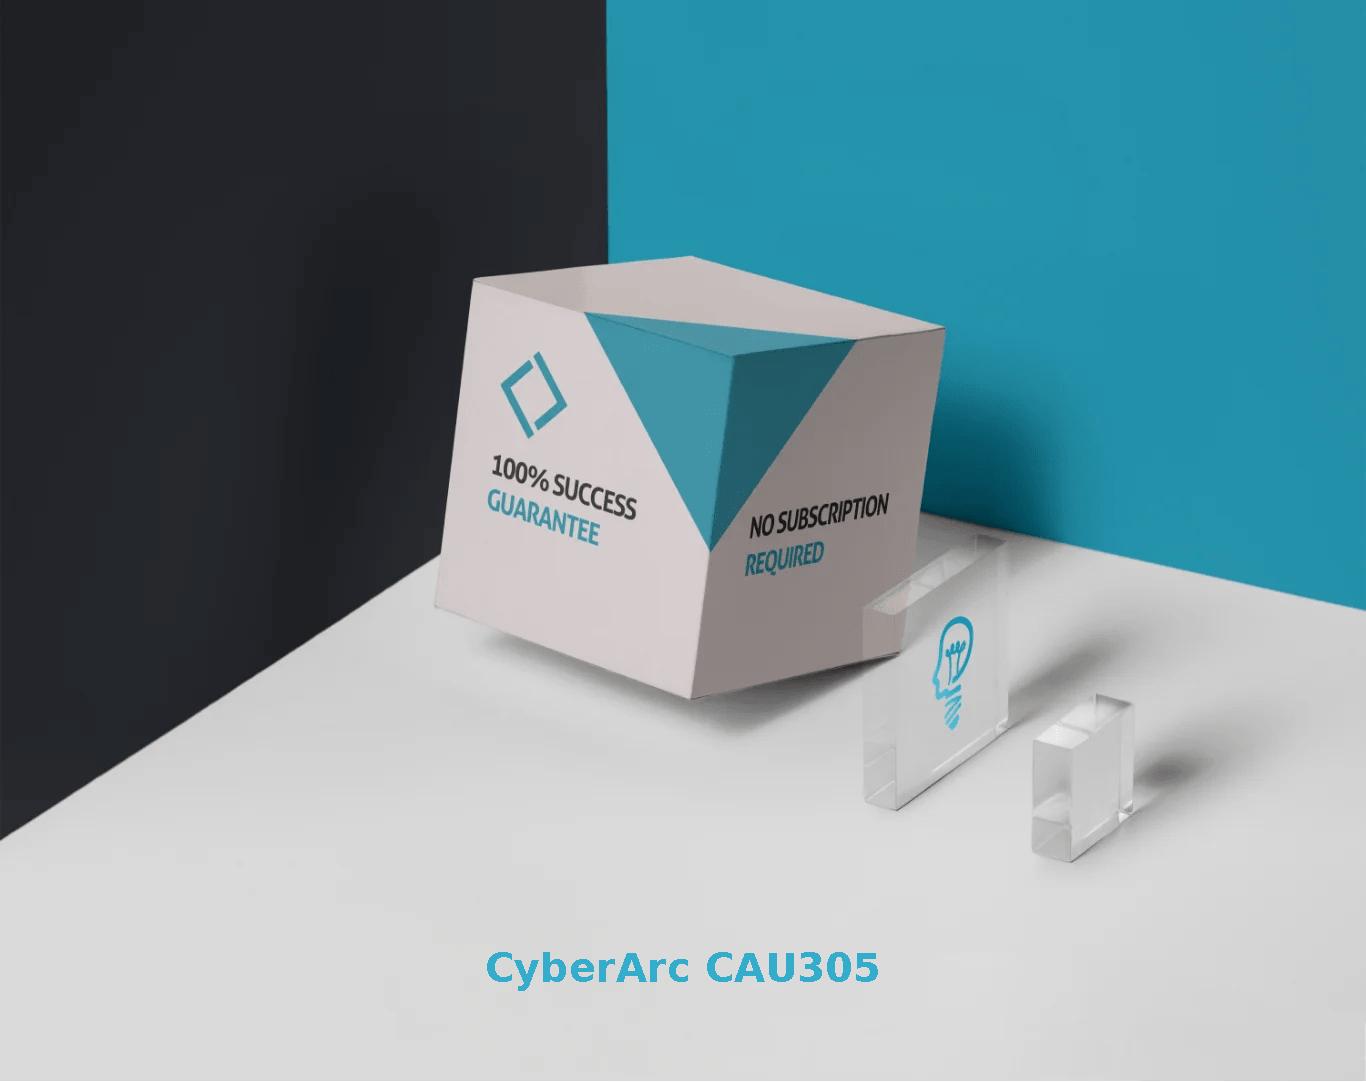 CyberArc CAU305 Exams